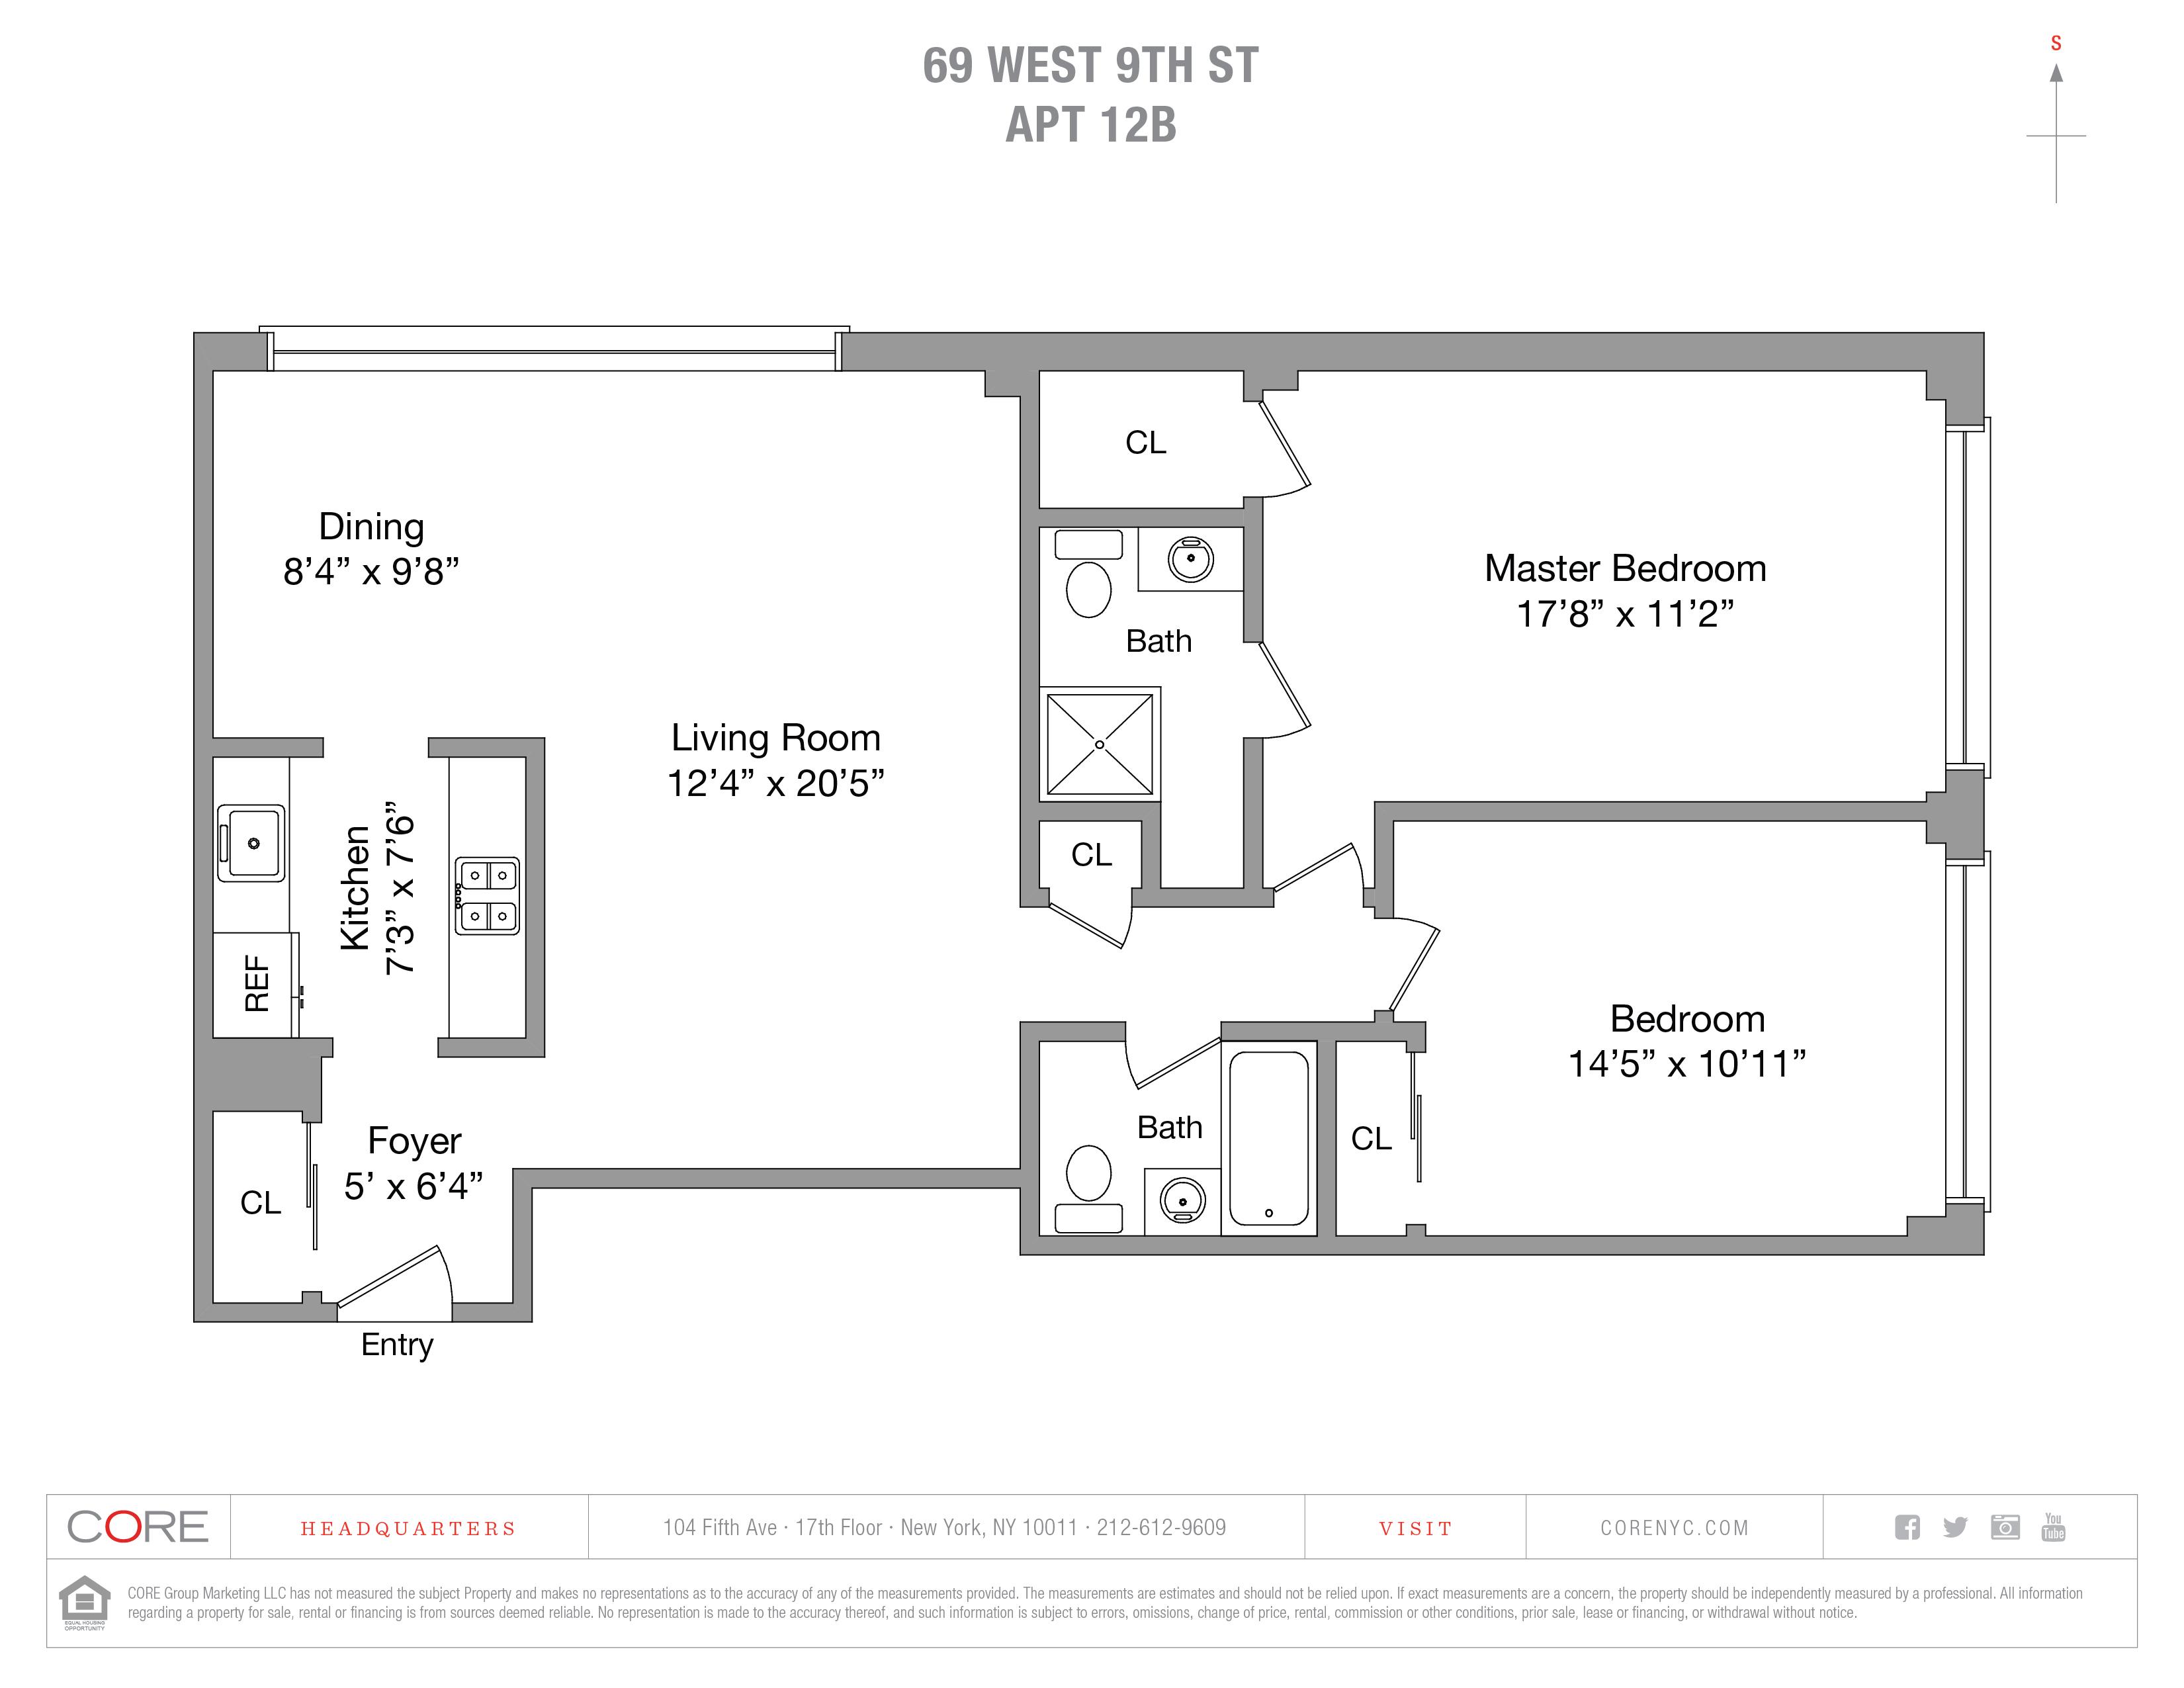 69 West 9th St. 12B, New York, NY 10011